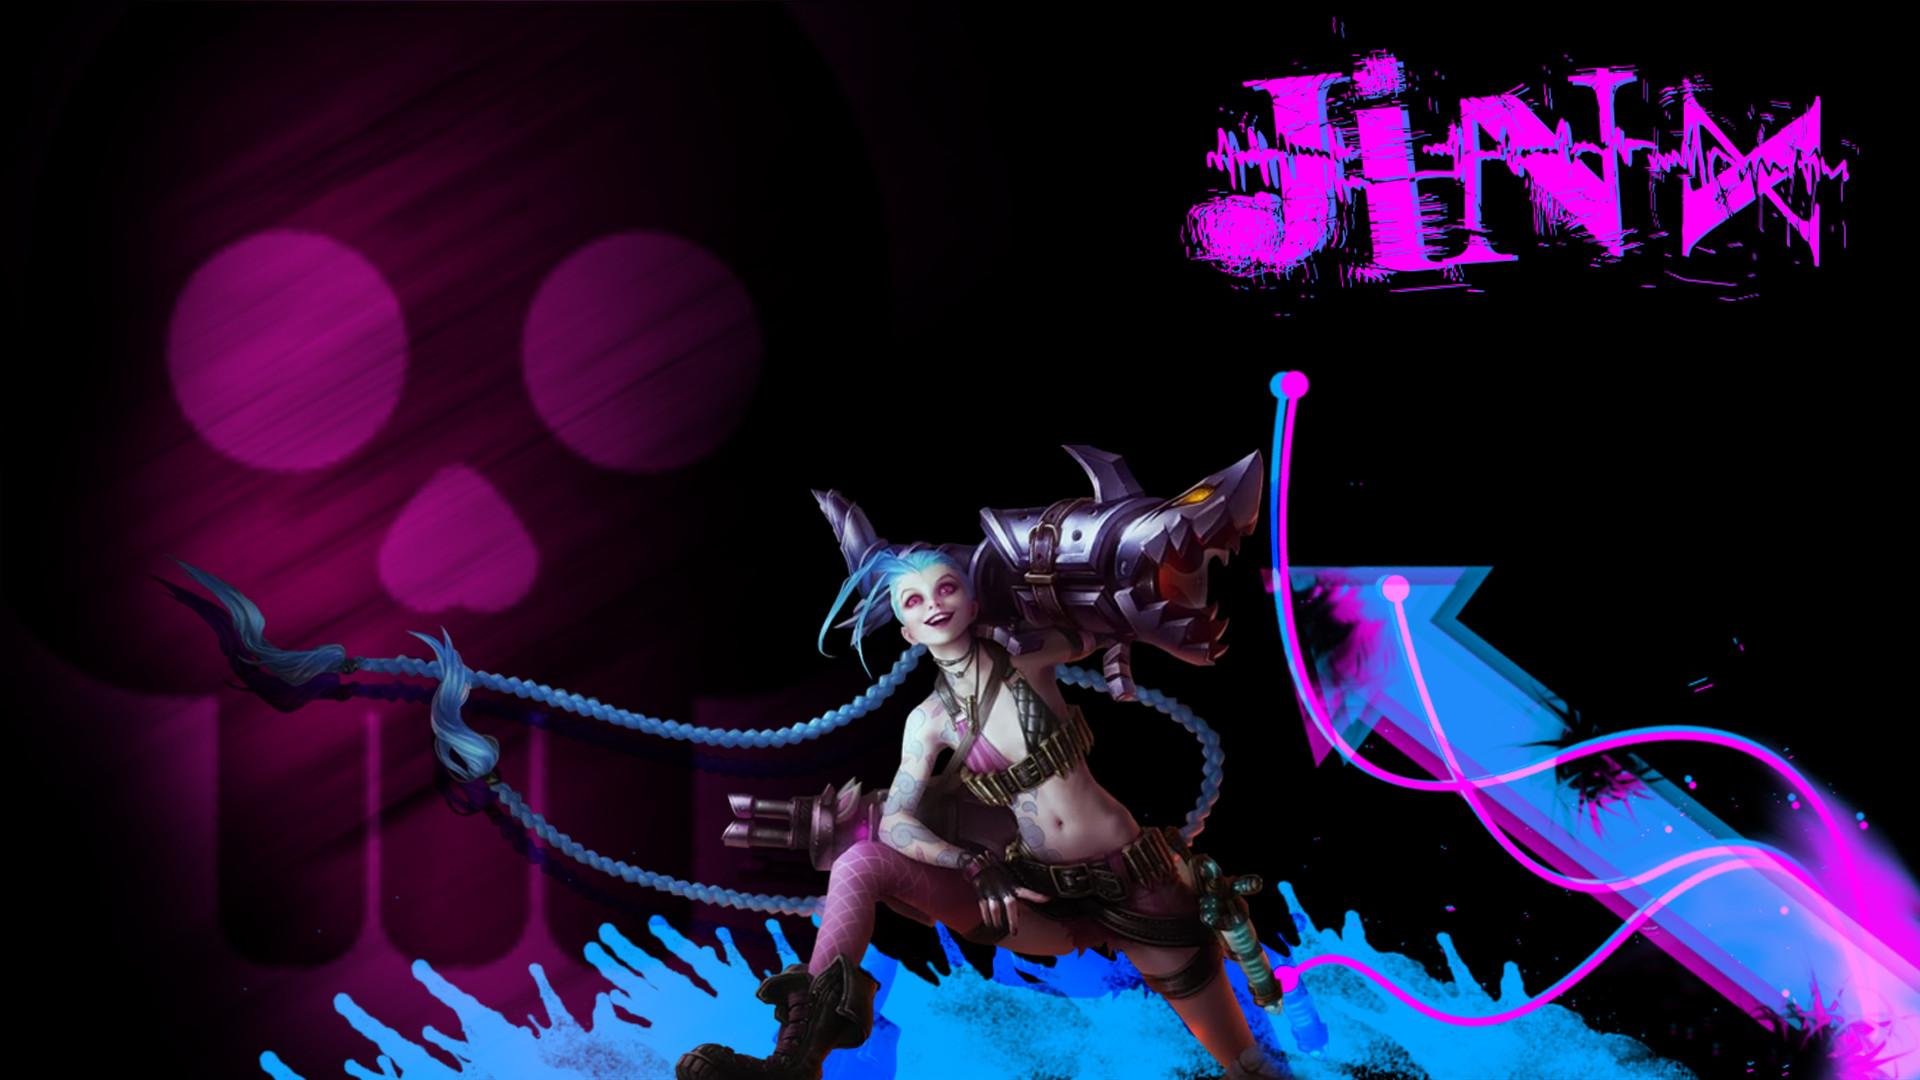 Res: 1920x1080, Jinx League of Legends Wallpaper 1080p